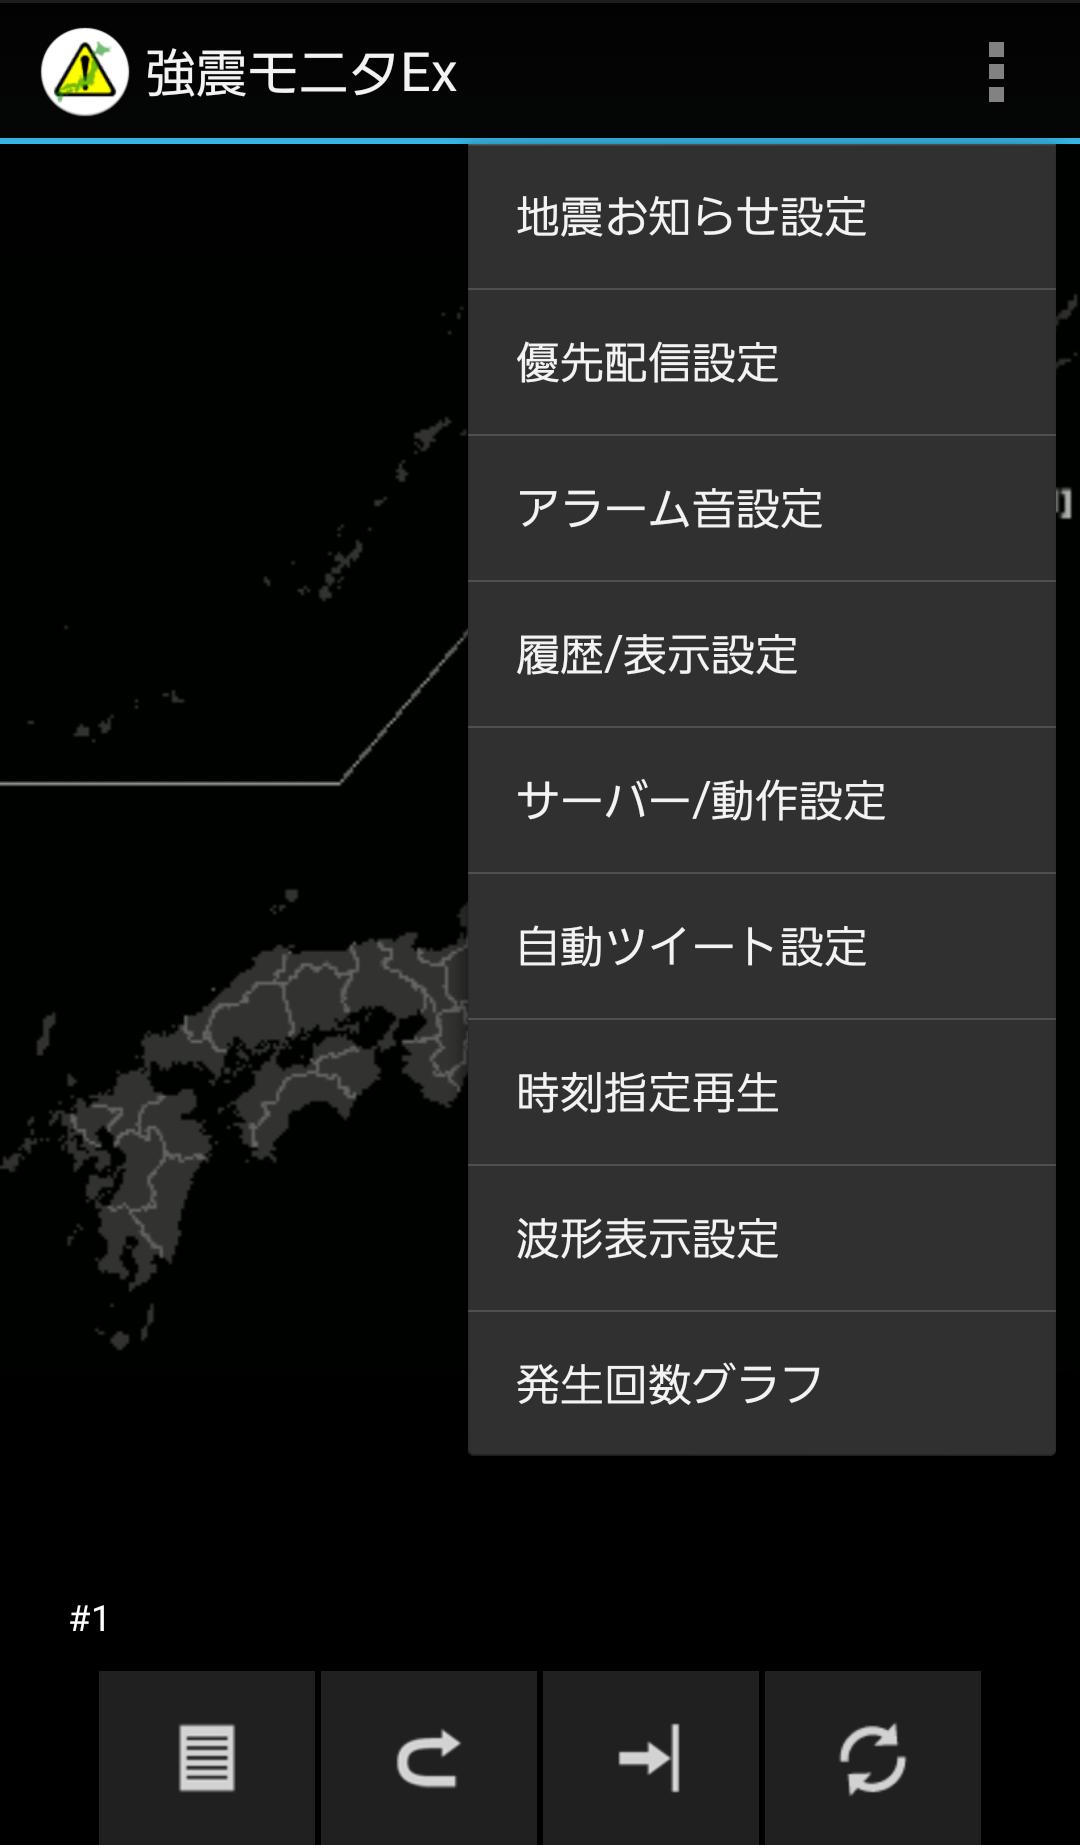 強震モニタEx2